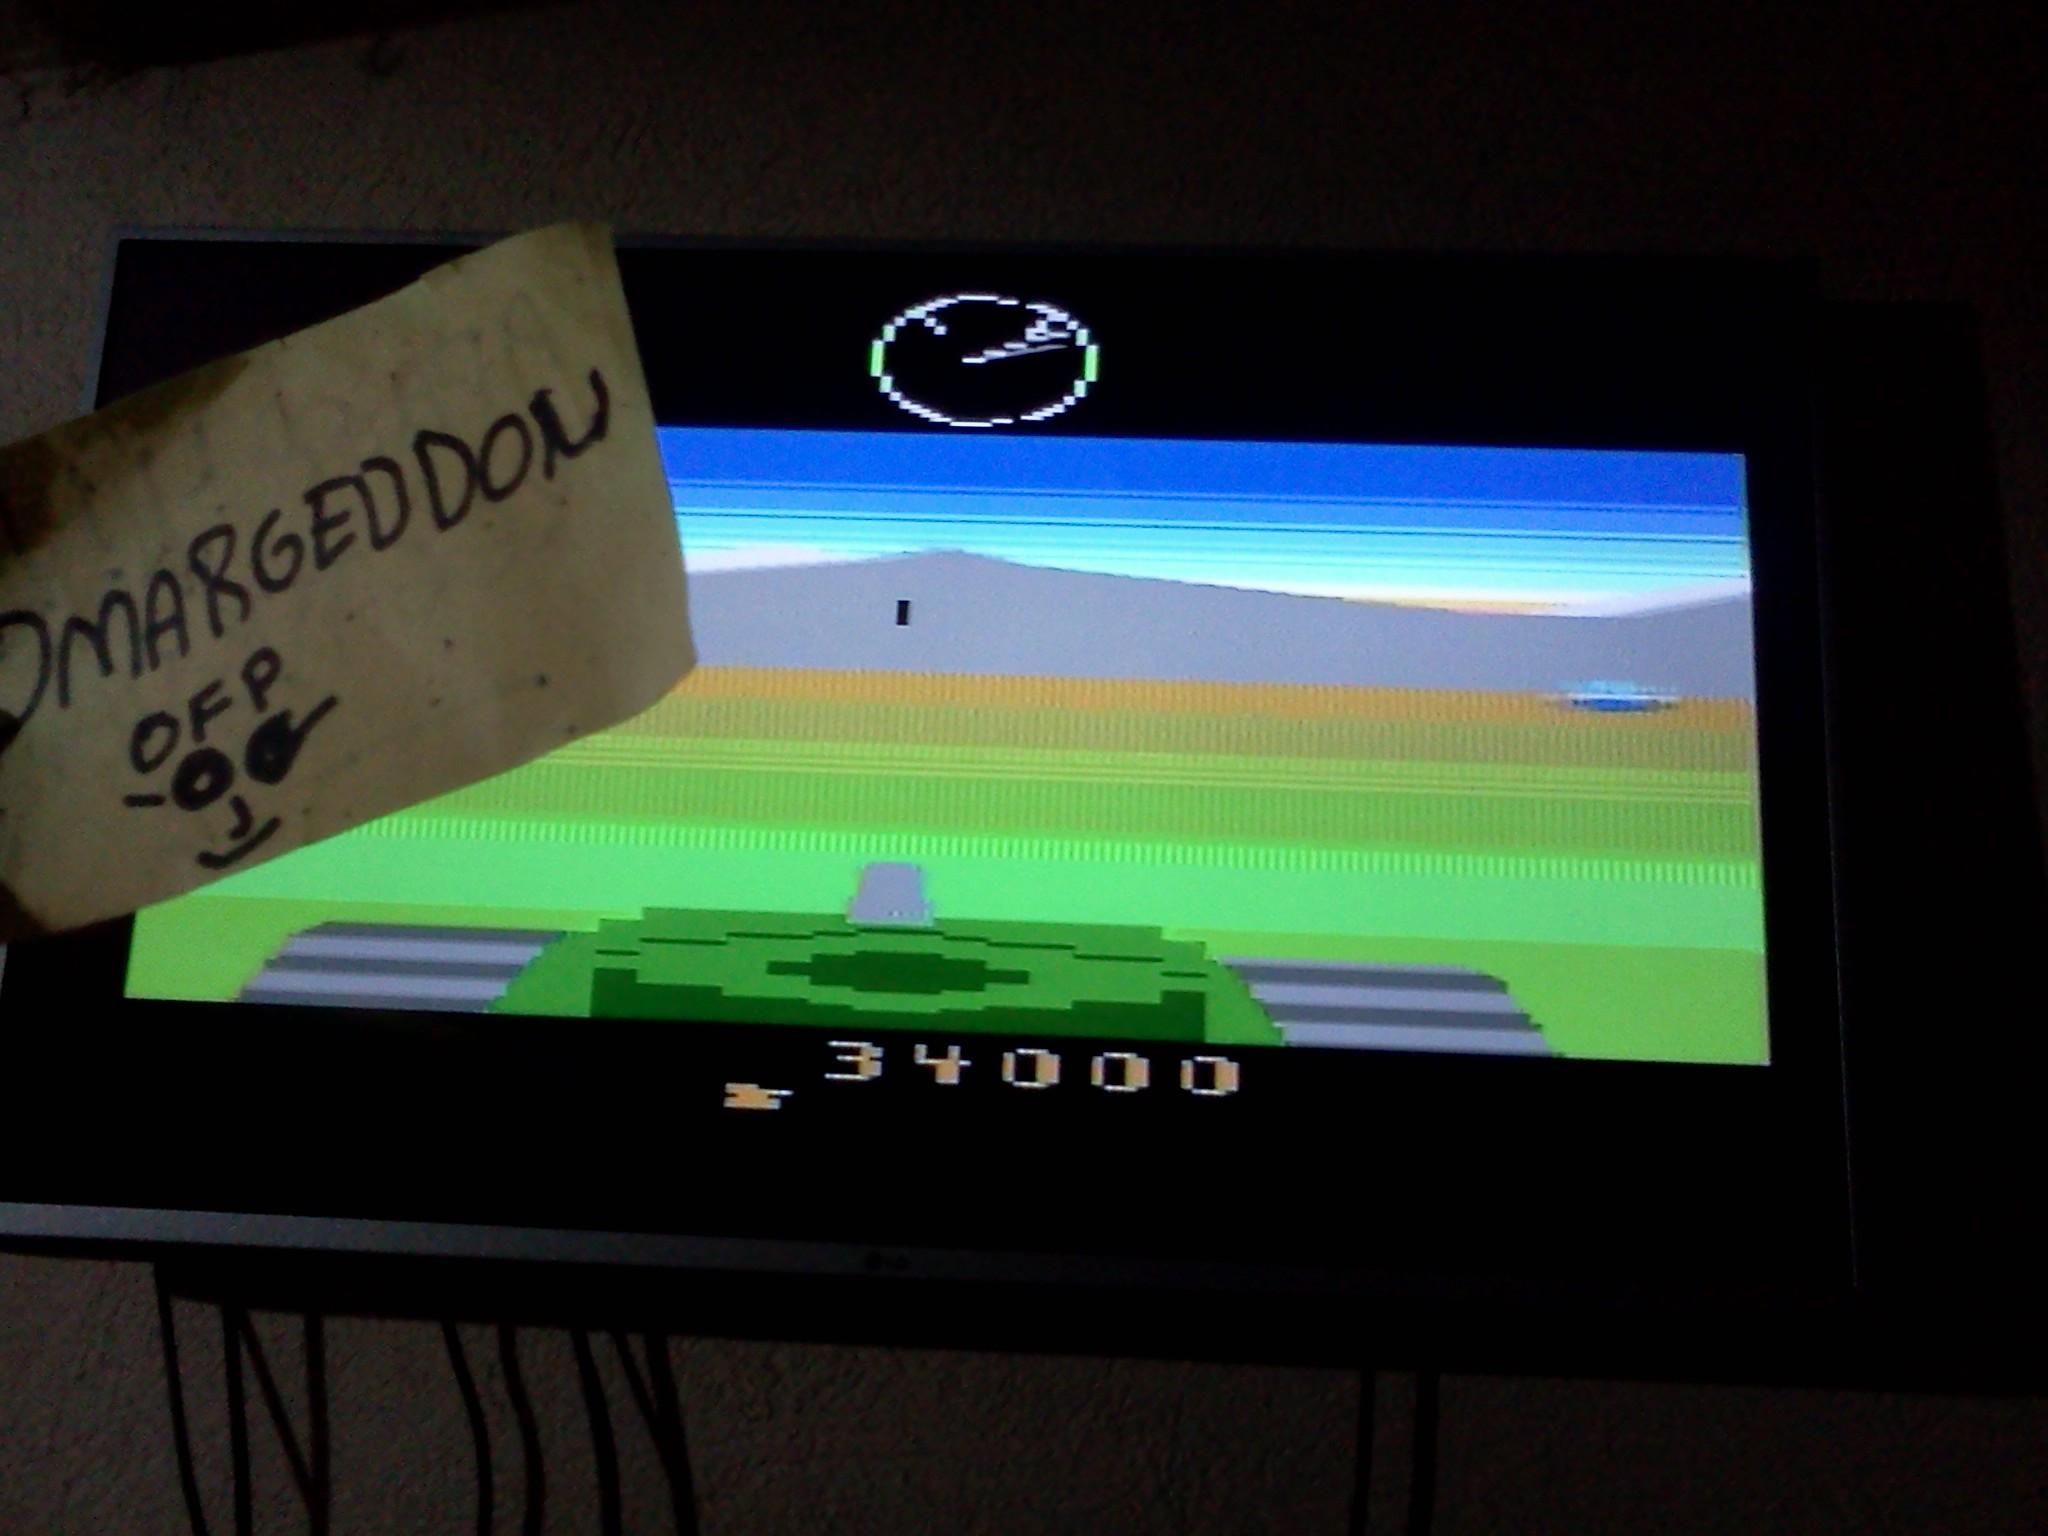 omargeddon: Battlezone (Atari Flashback 3) 34,000 points on 2016-09-27 21:13:30